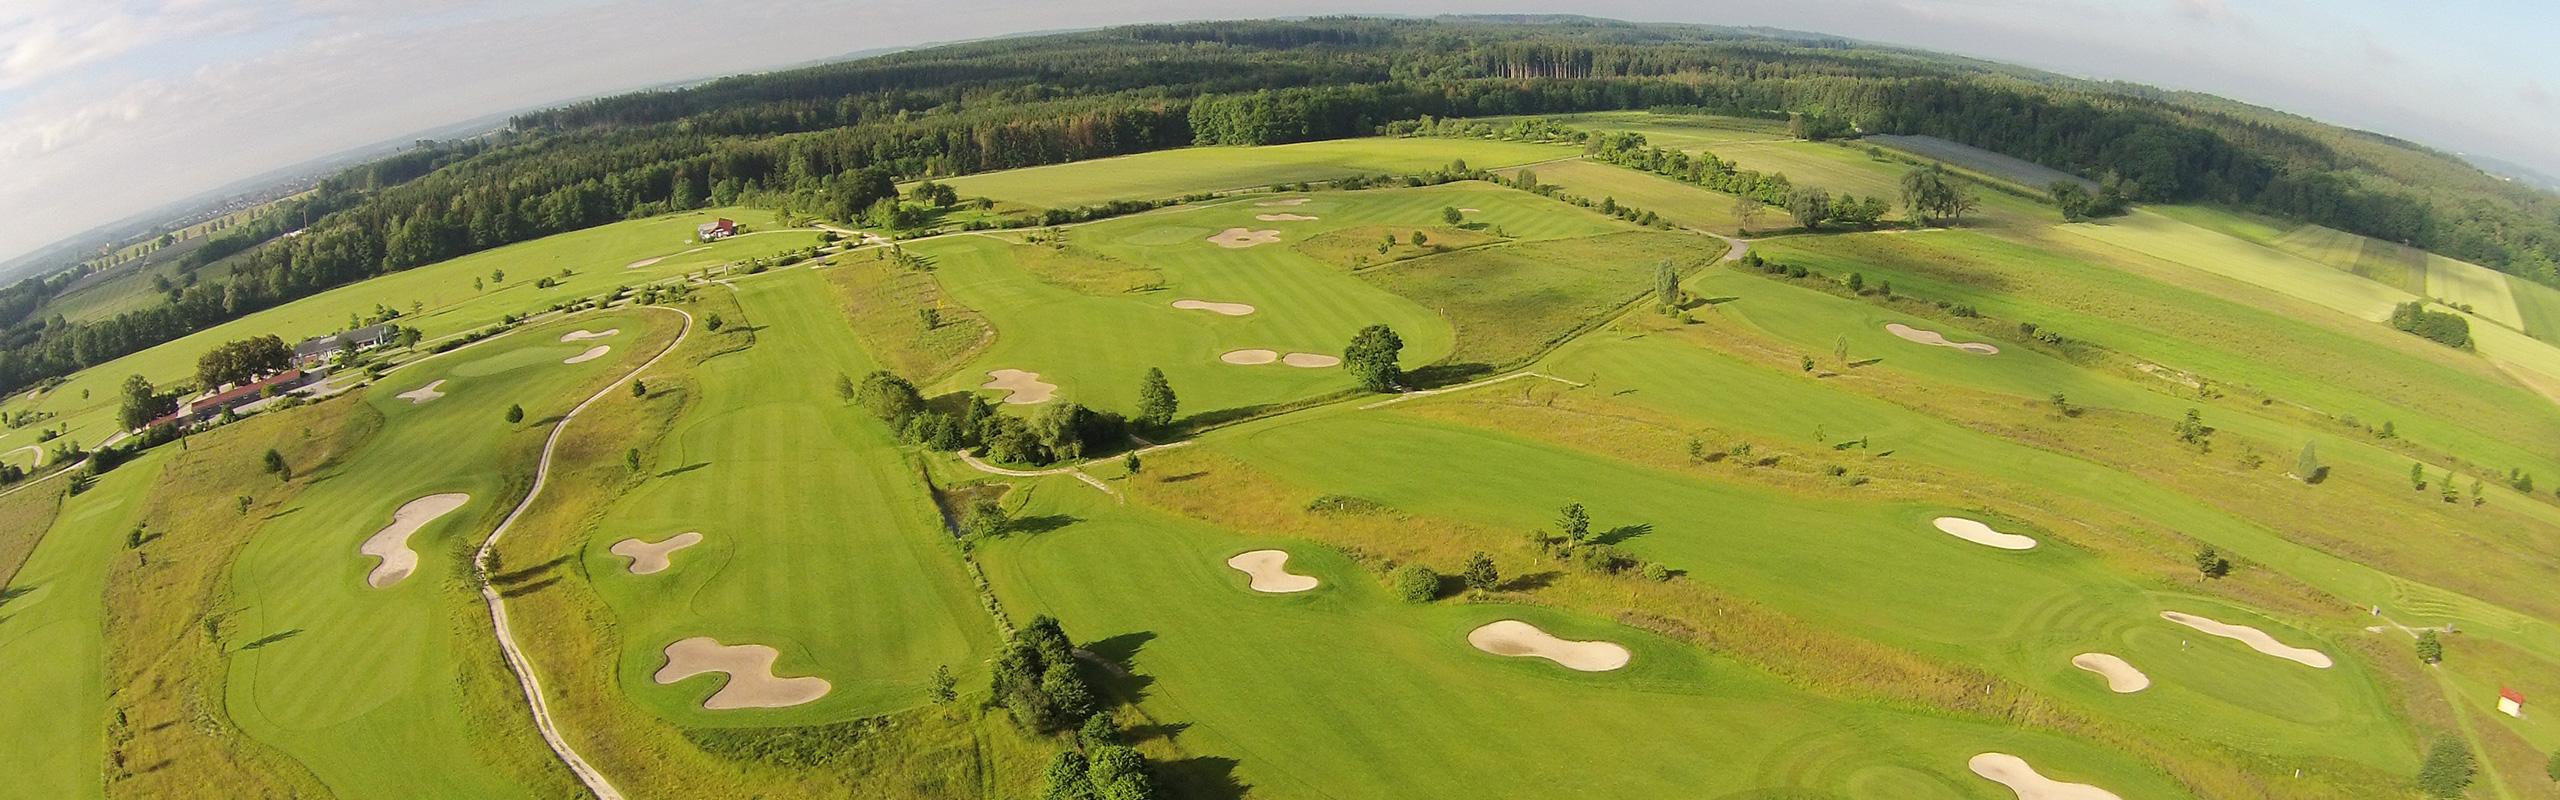 Golfplatz_Luftbild4